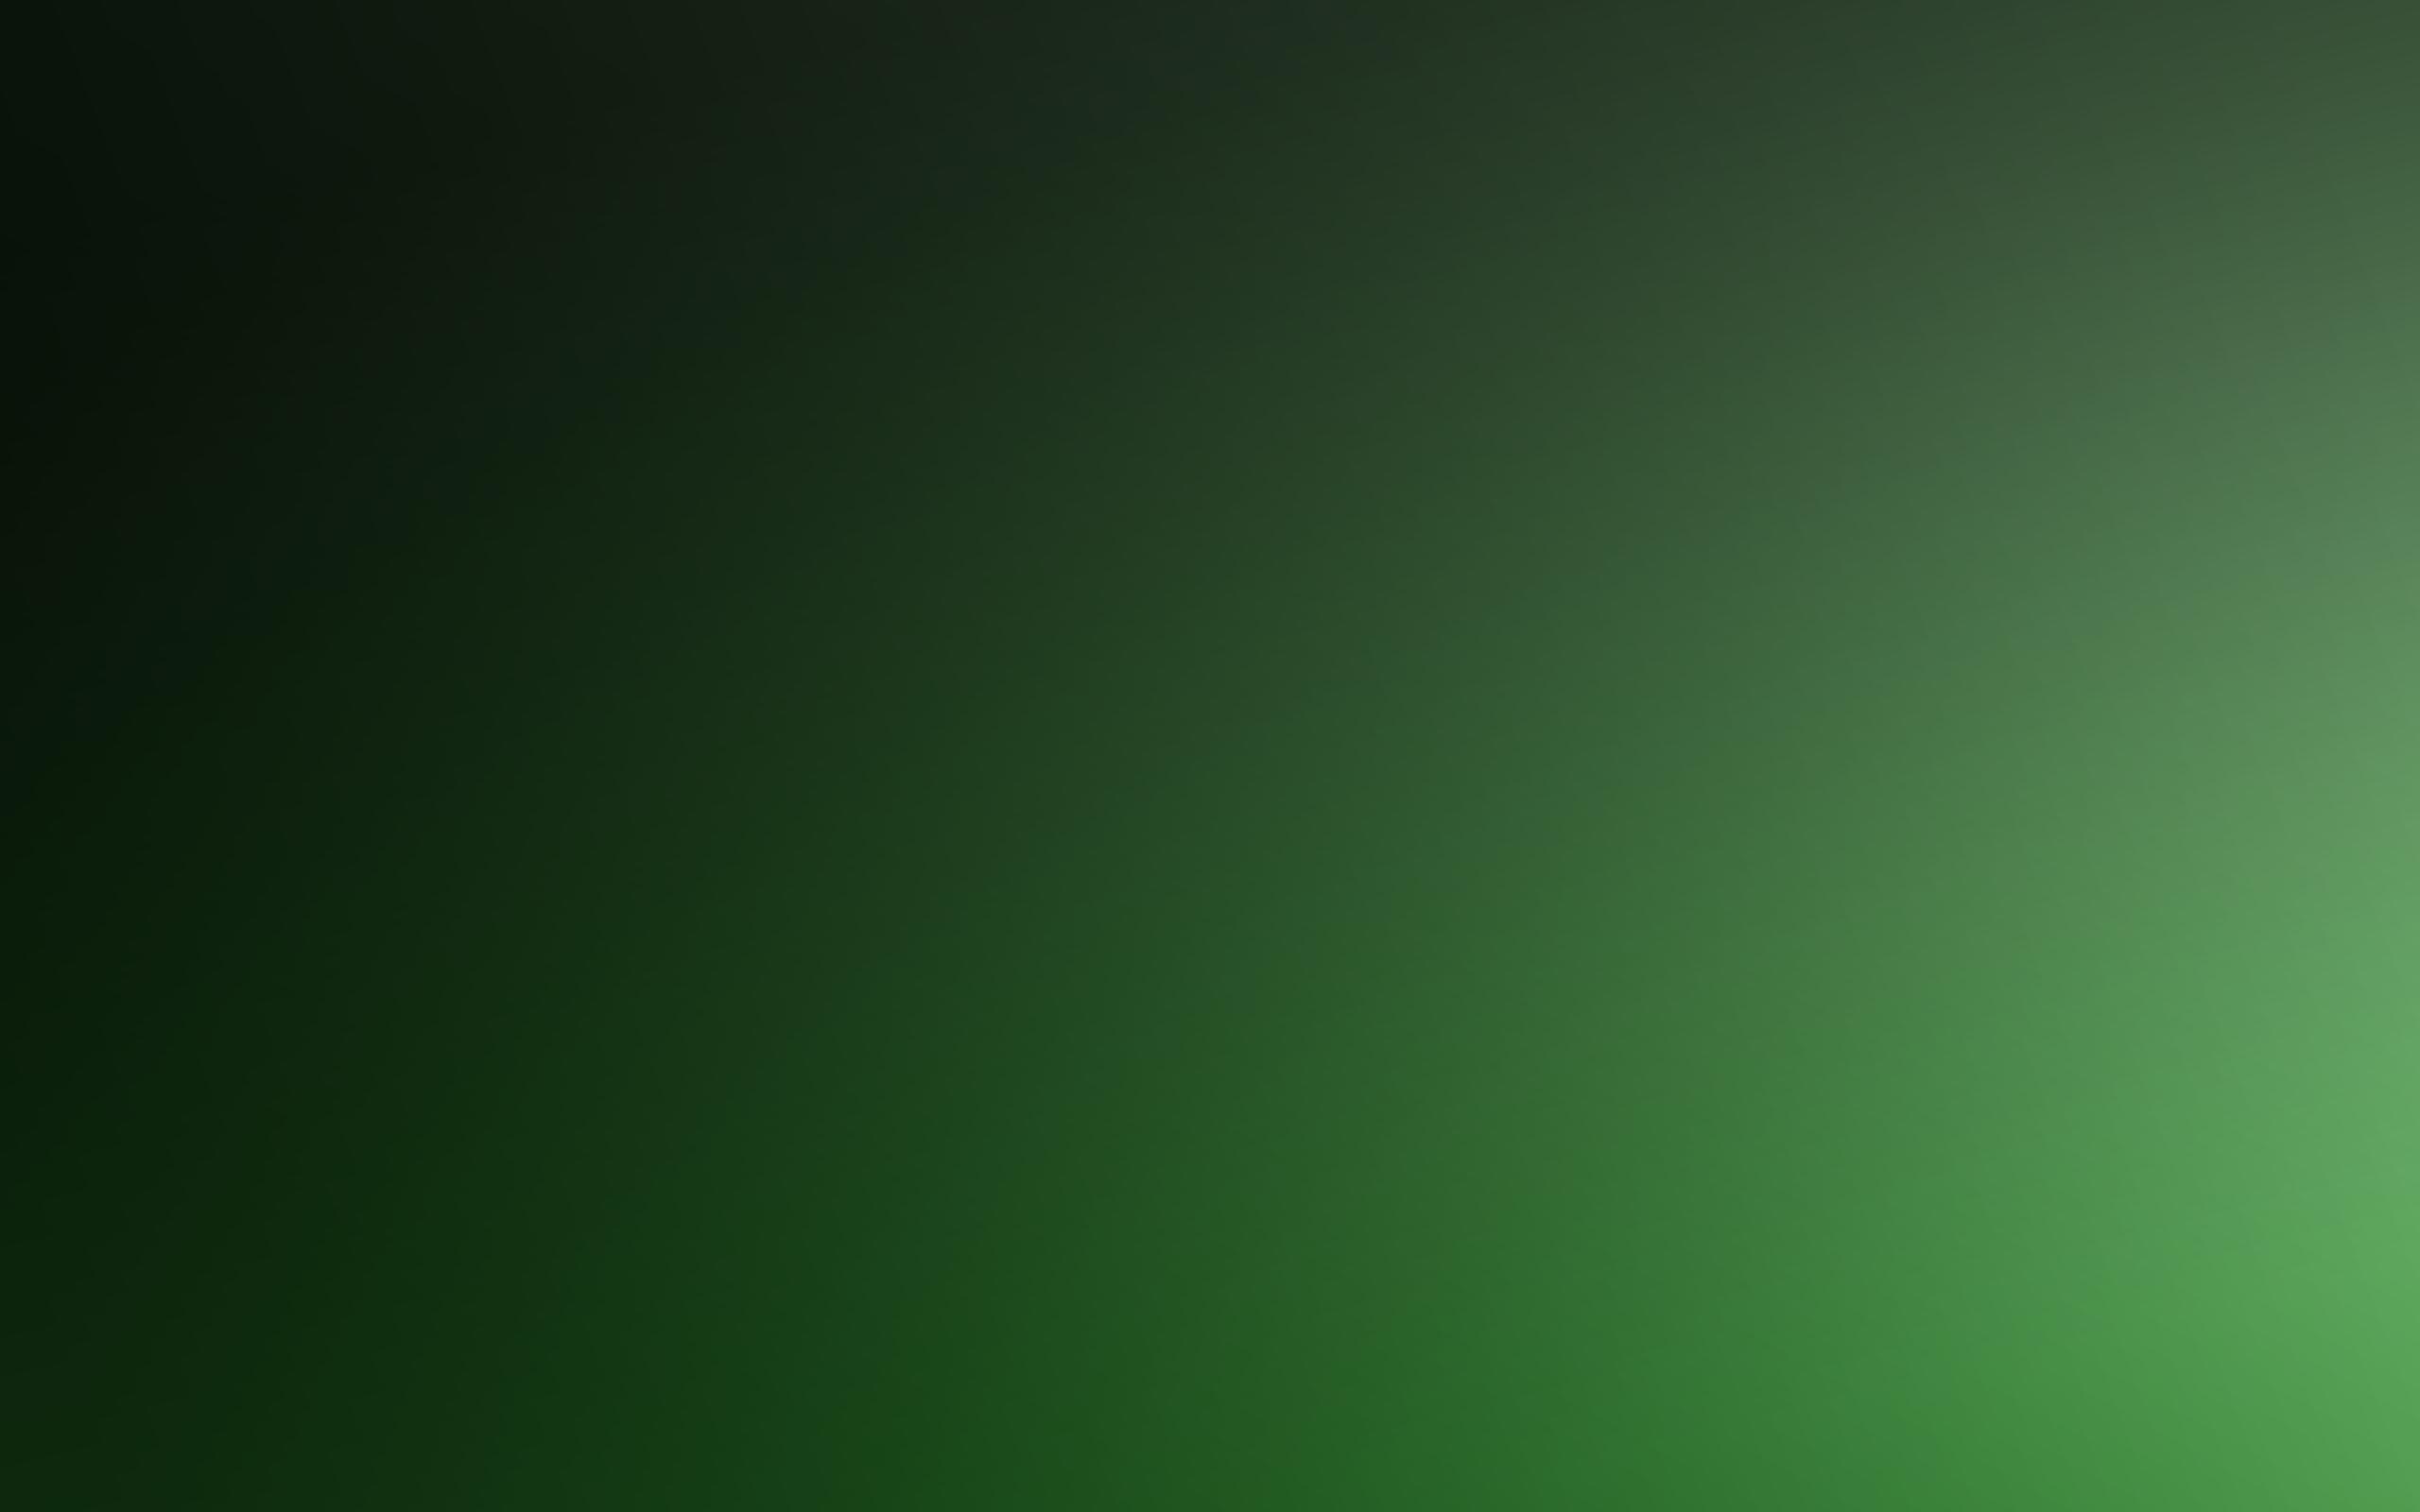 minimal dark green wallpaper 41166